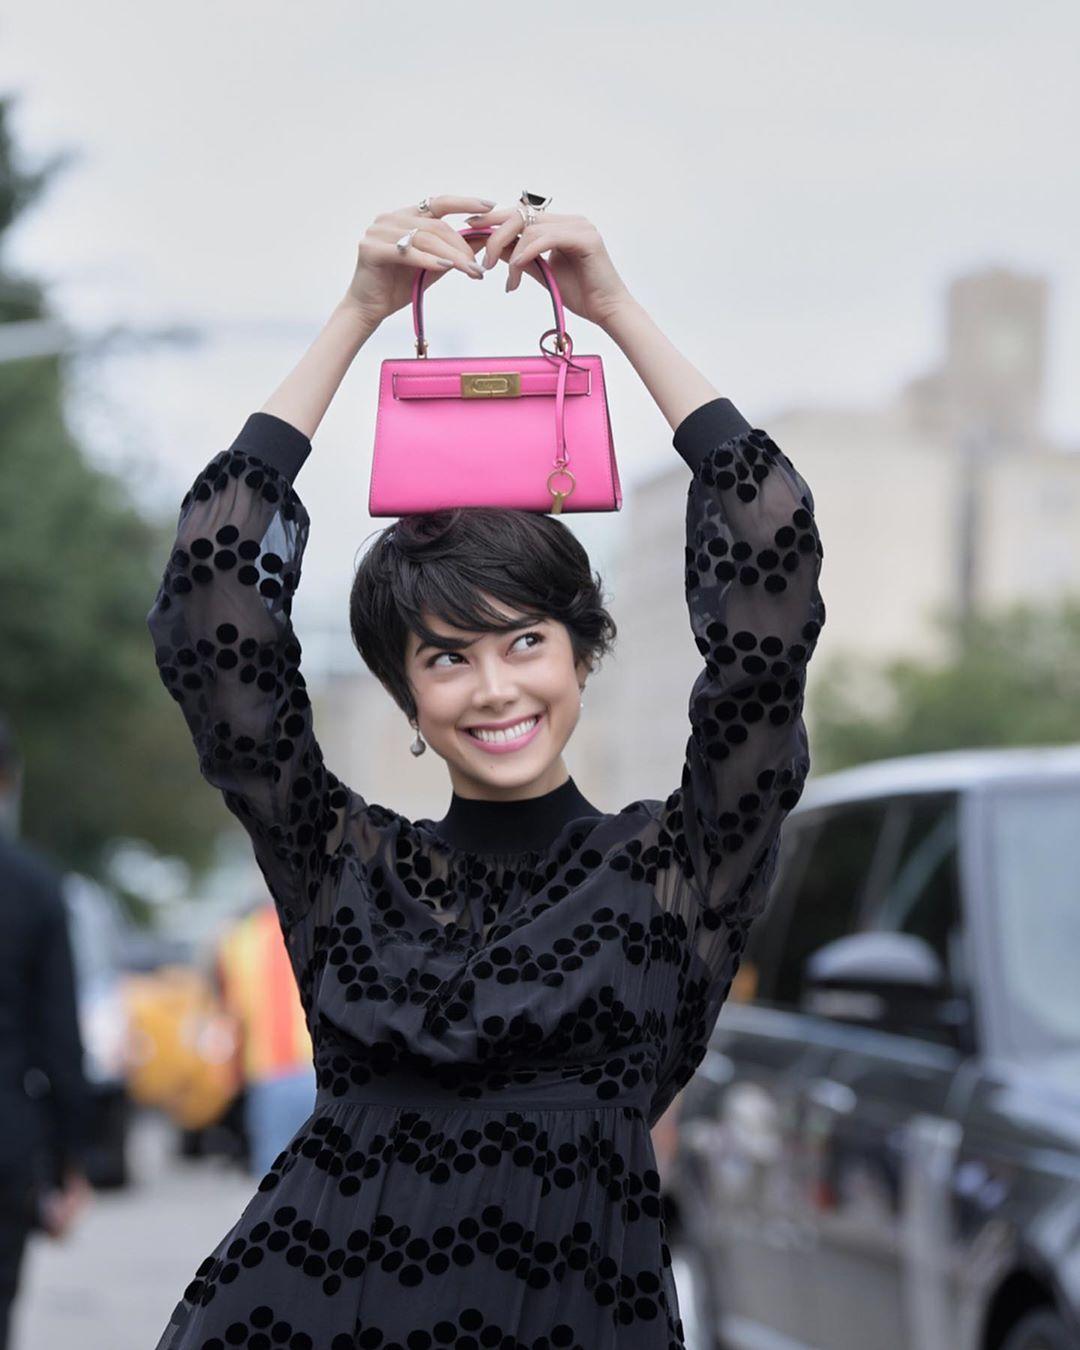 Thời trang cung hoàng đạo Song Ngư tháng 5 - đầm đen túi xách hồng